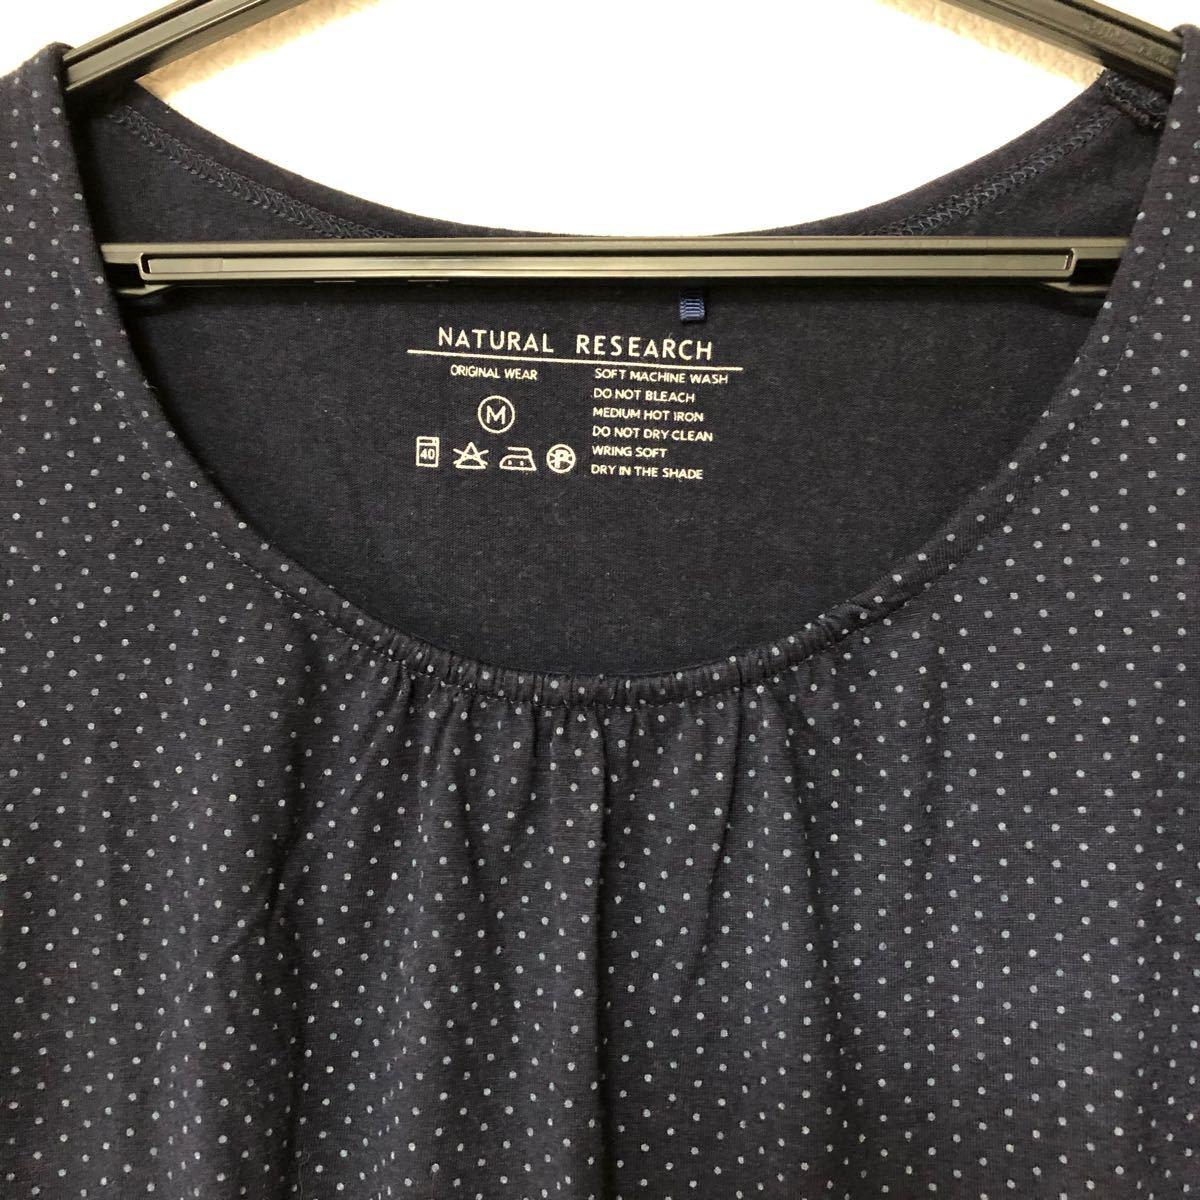 トップス カットソー ドット柄 紺色 ネイビー ふんわり ボリューム袖